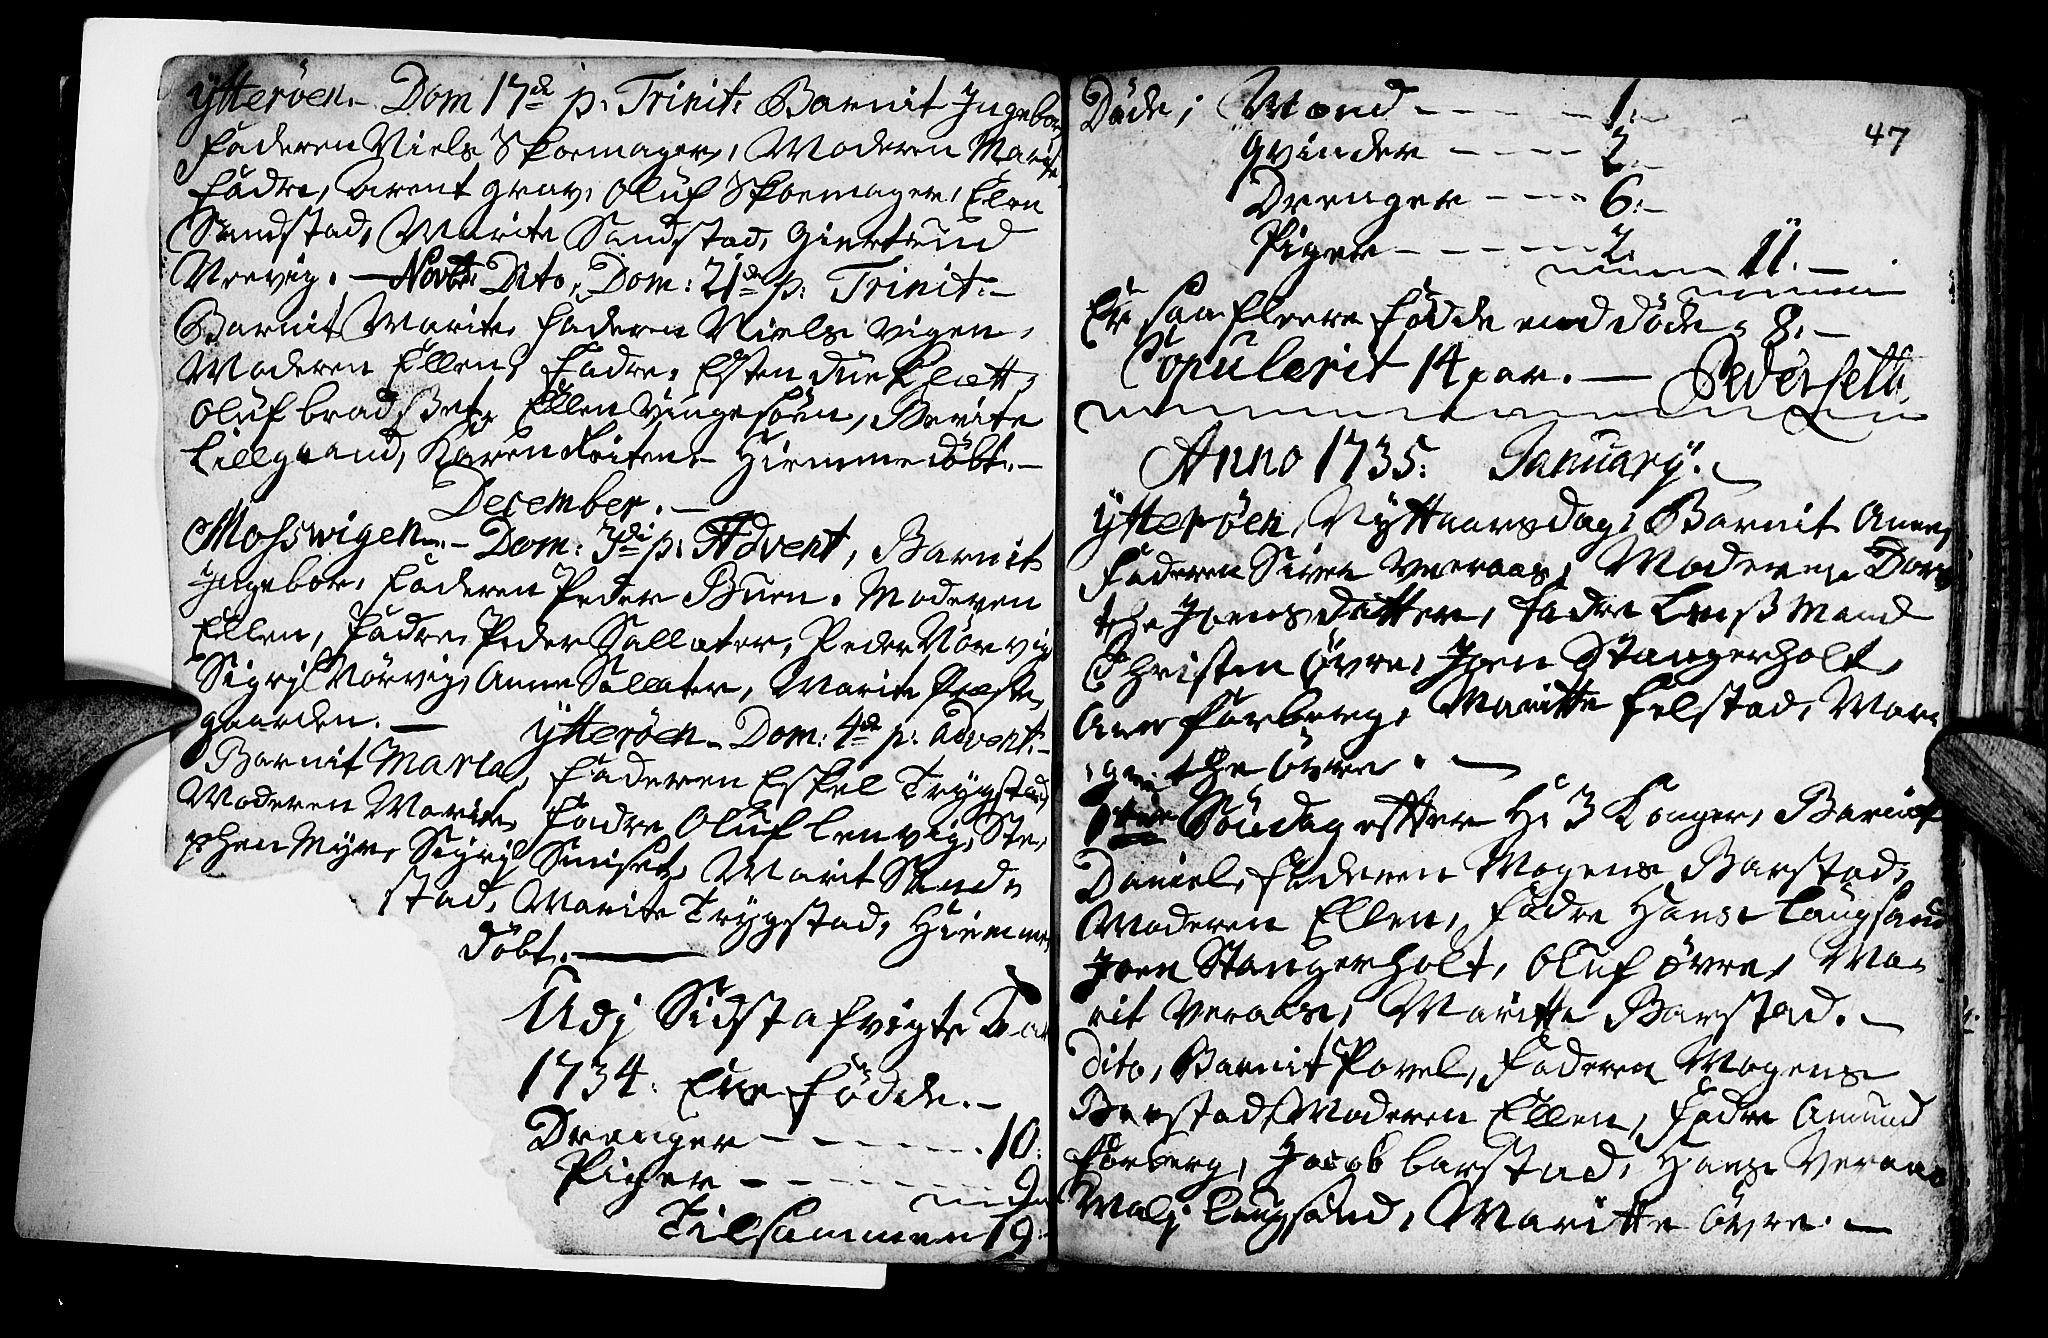 SAT, Ministerialprotokoller, klokkerbøker og fødselsregistre - Nord-Trøndelag, 722/L0215: Ministerialbok nr. 722A02, 1718-1755, s. 47